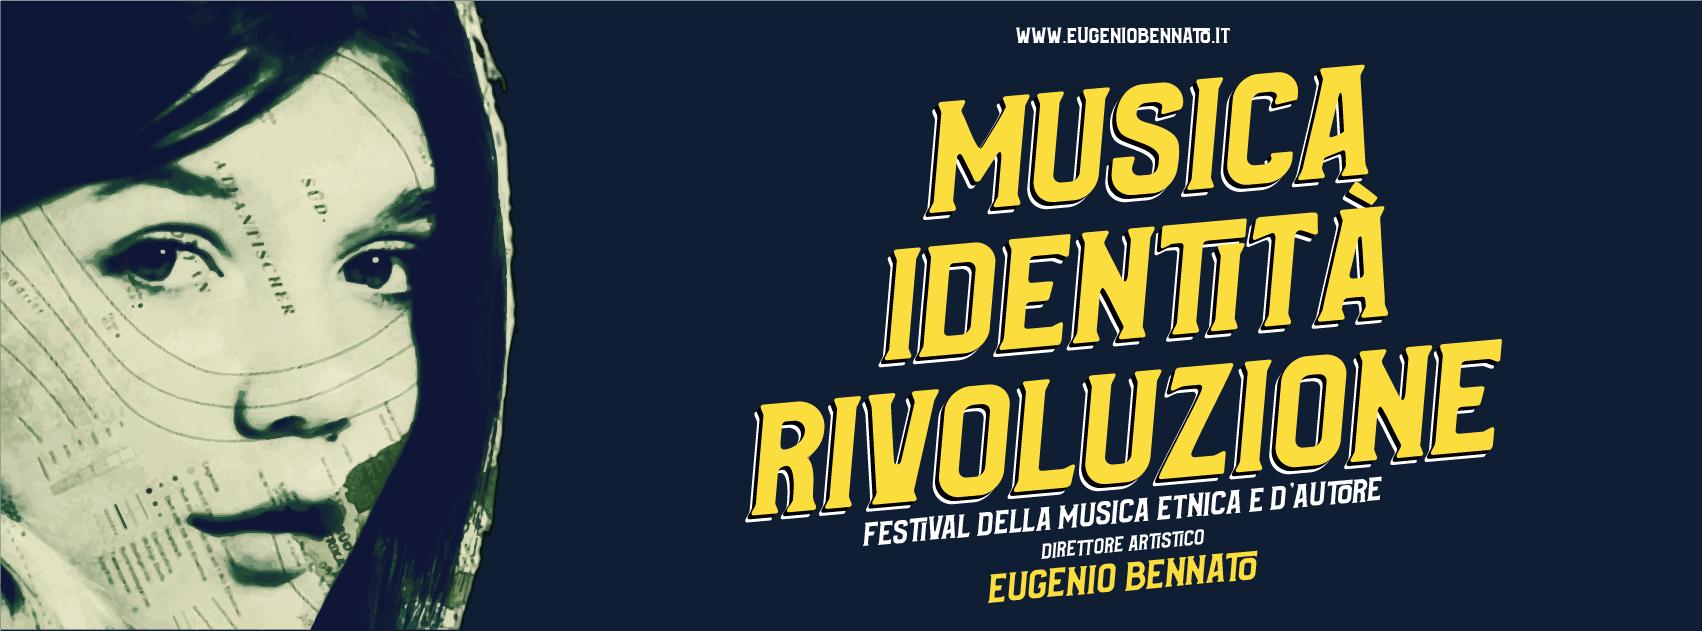 musica identità rivoluzione locandina